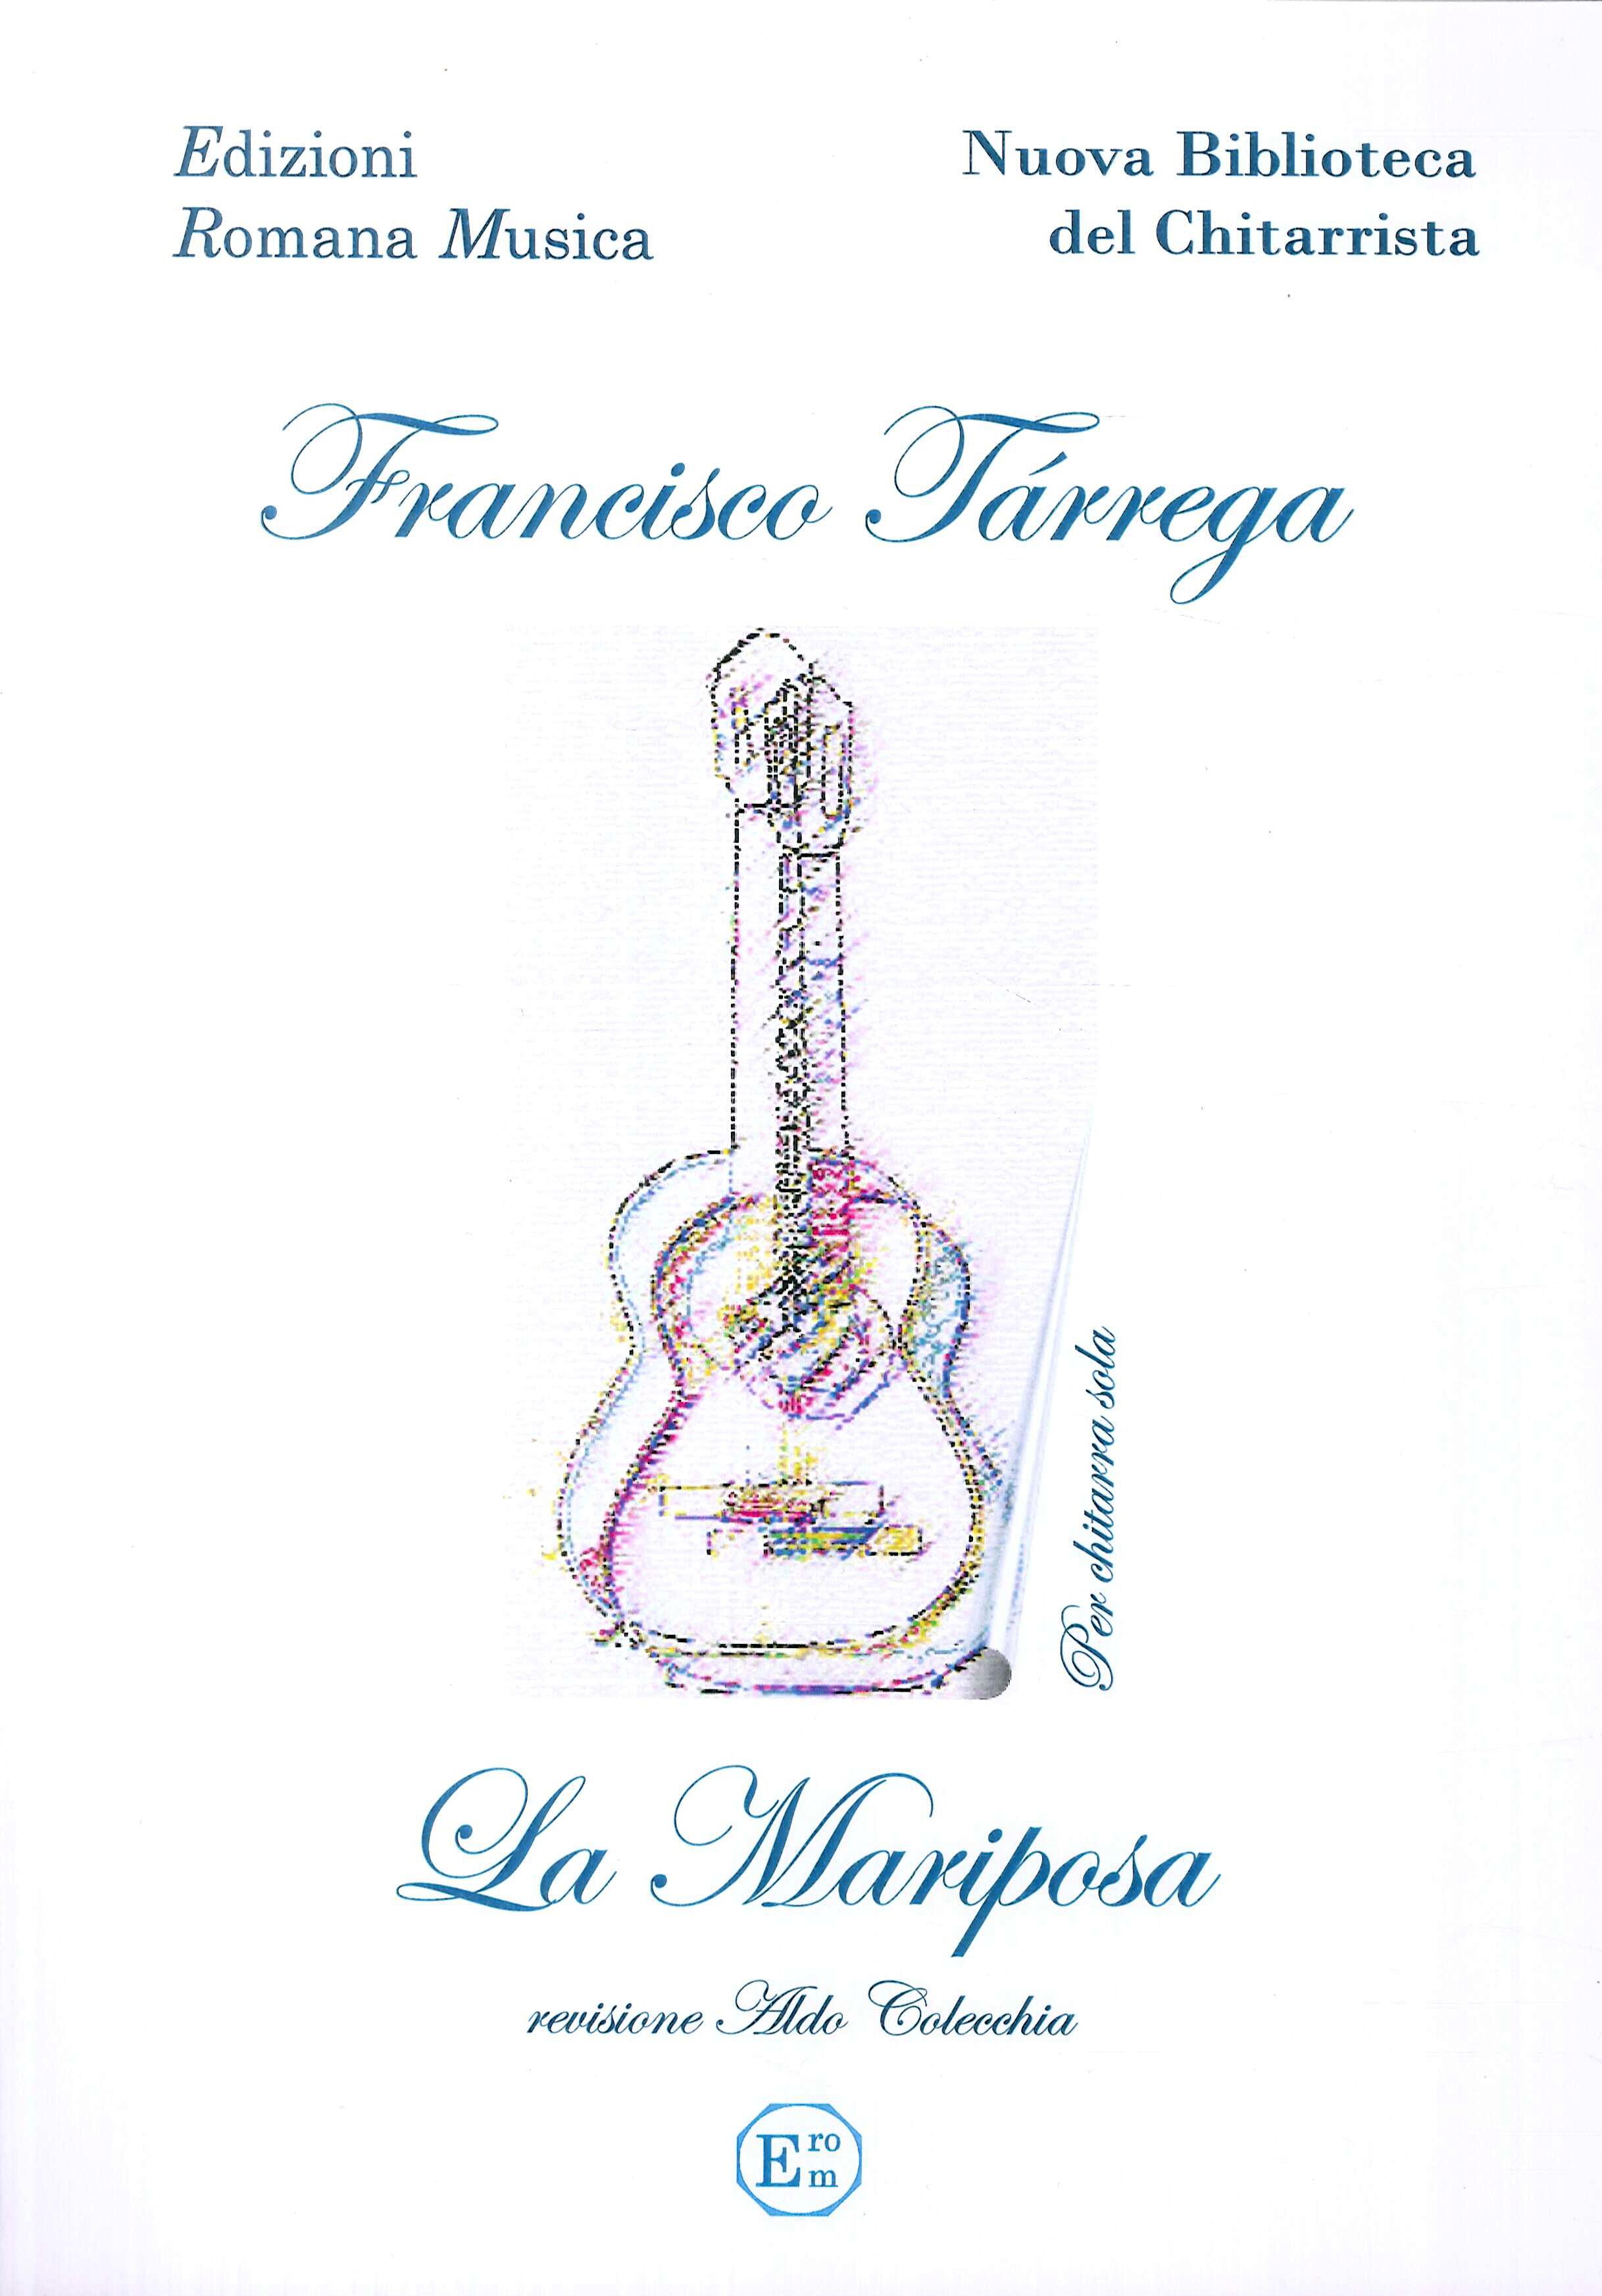 Francisco Tarrega. La Mariposa. Musica per Chitarra. Erom 0024